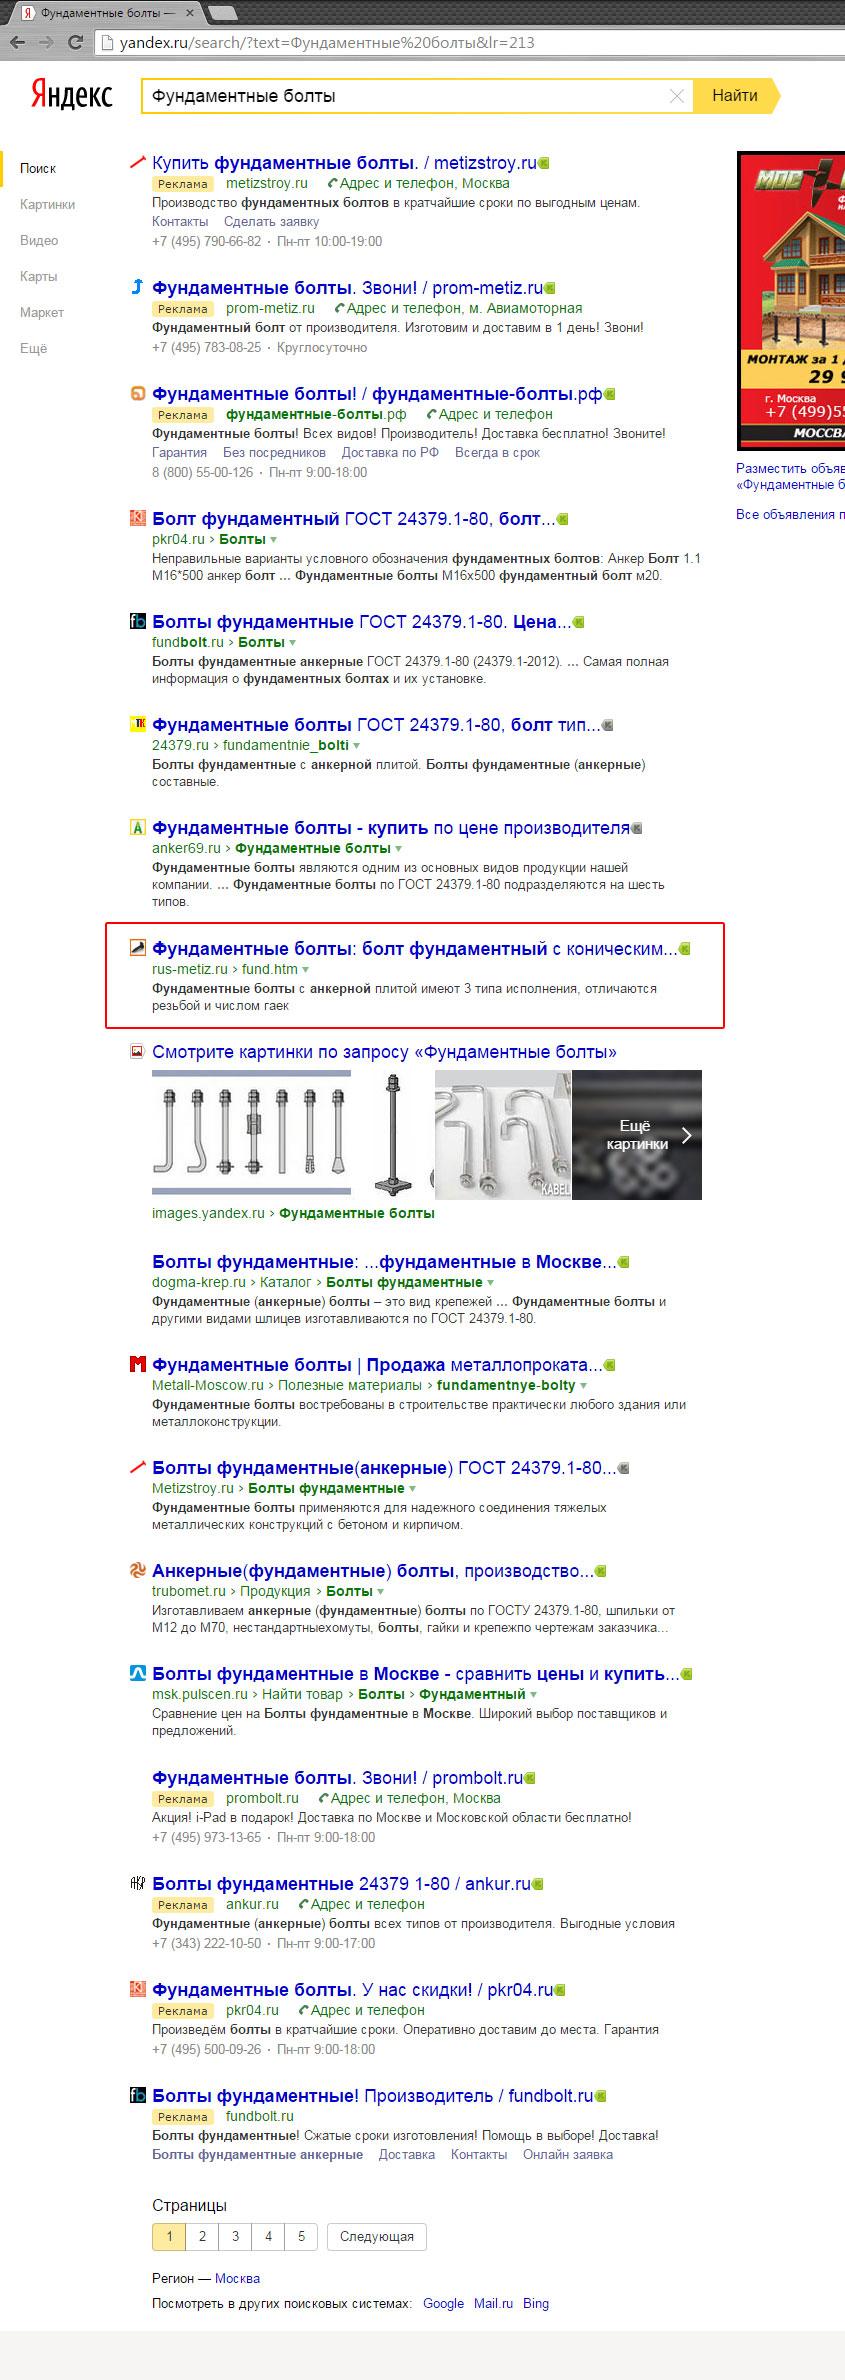 Фундаментные болты, Москва и область / Яндекс (5-место)